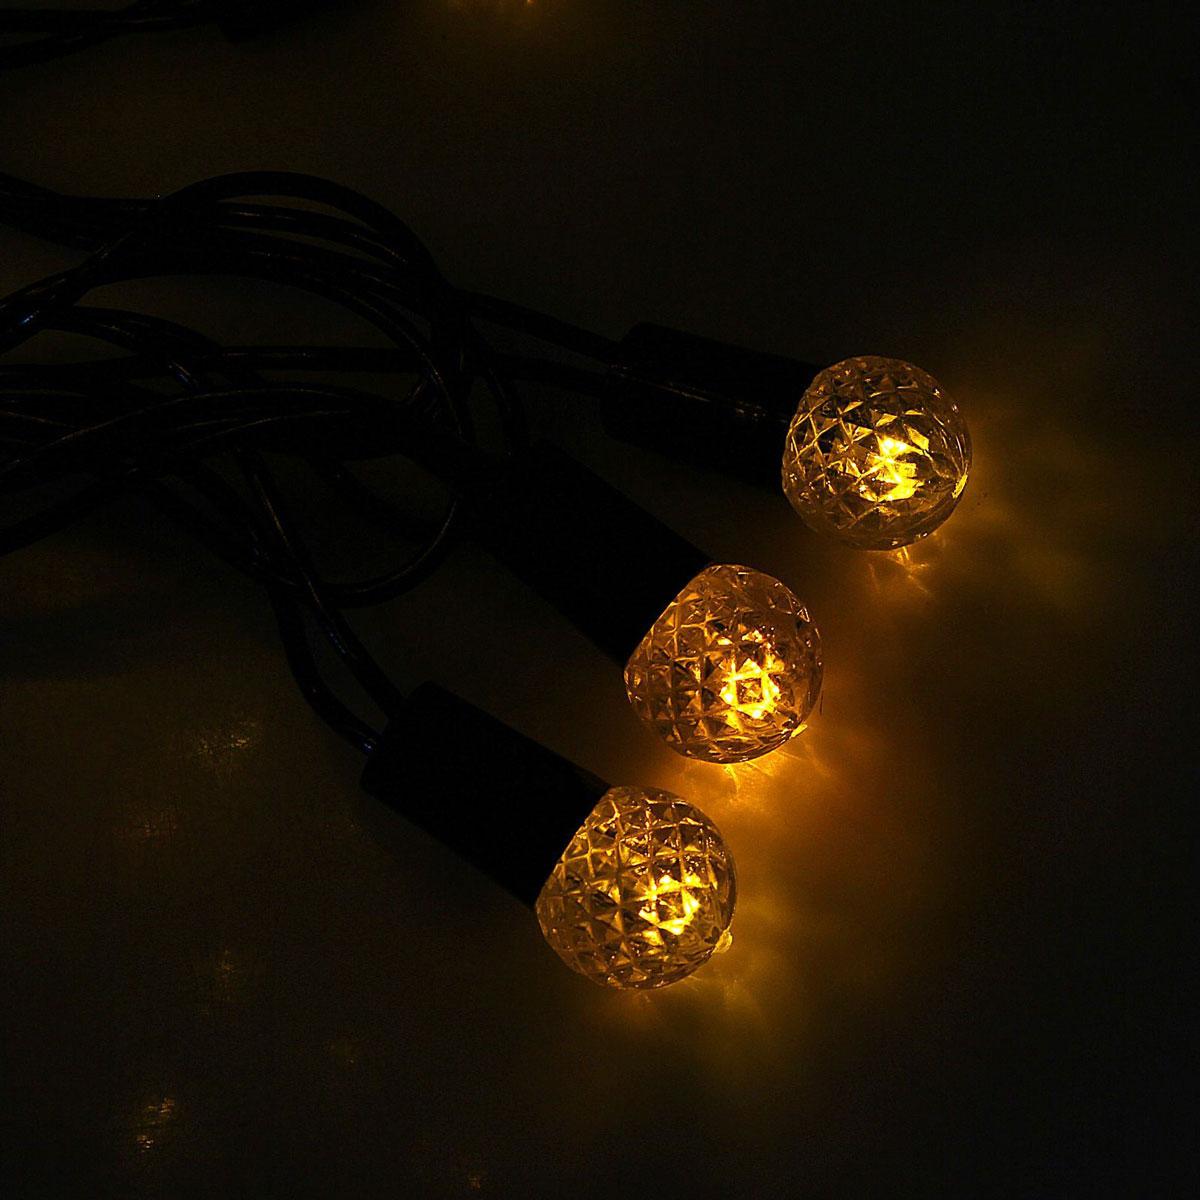 Гирлянда светодиодная Luazon Метраж. Фонарик, уличная с насадкой, 8 режимов, 40 ламп, 220 V, 5 м, цвет: желтый. 10801121080112Светодиодные гирлянды, ленты и т.д. — это отличный вариант для новогоднего оформления интерьера или фасада. С их помощью помещение любого размера можно превратить в праздничный зал, а внешние элементы зданий, украшенные ими, мгновенно станут напоминать очертания сказочного дворца. Такие украшения создают ауру предвкушения чуда. Деревья, фасады, витрины, окна и арки будто специально созданы, чтобы вы украсили их светящимися нитями.